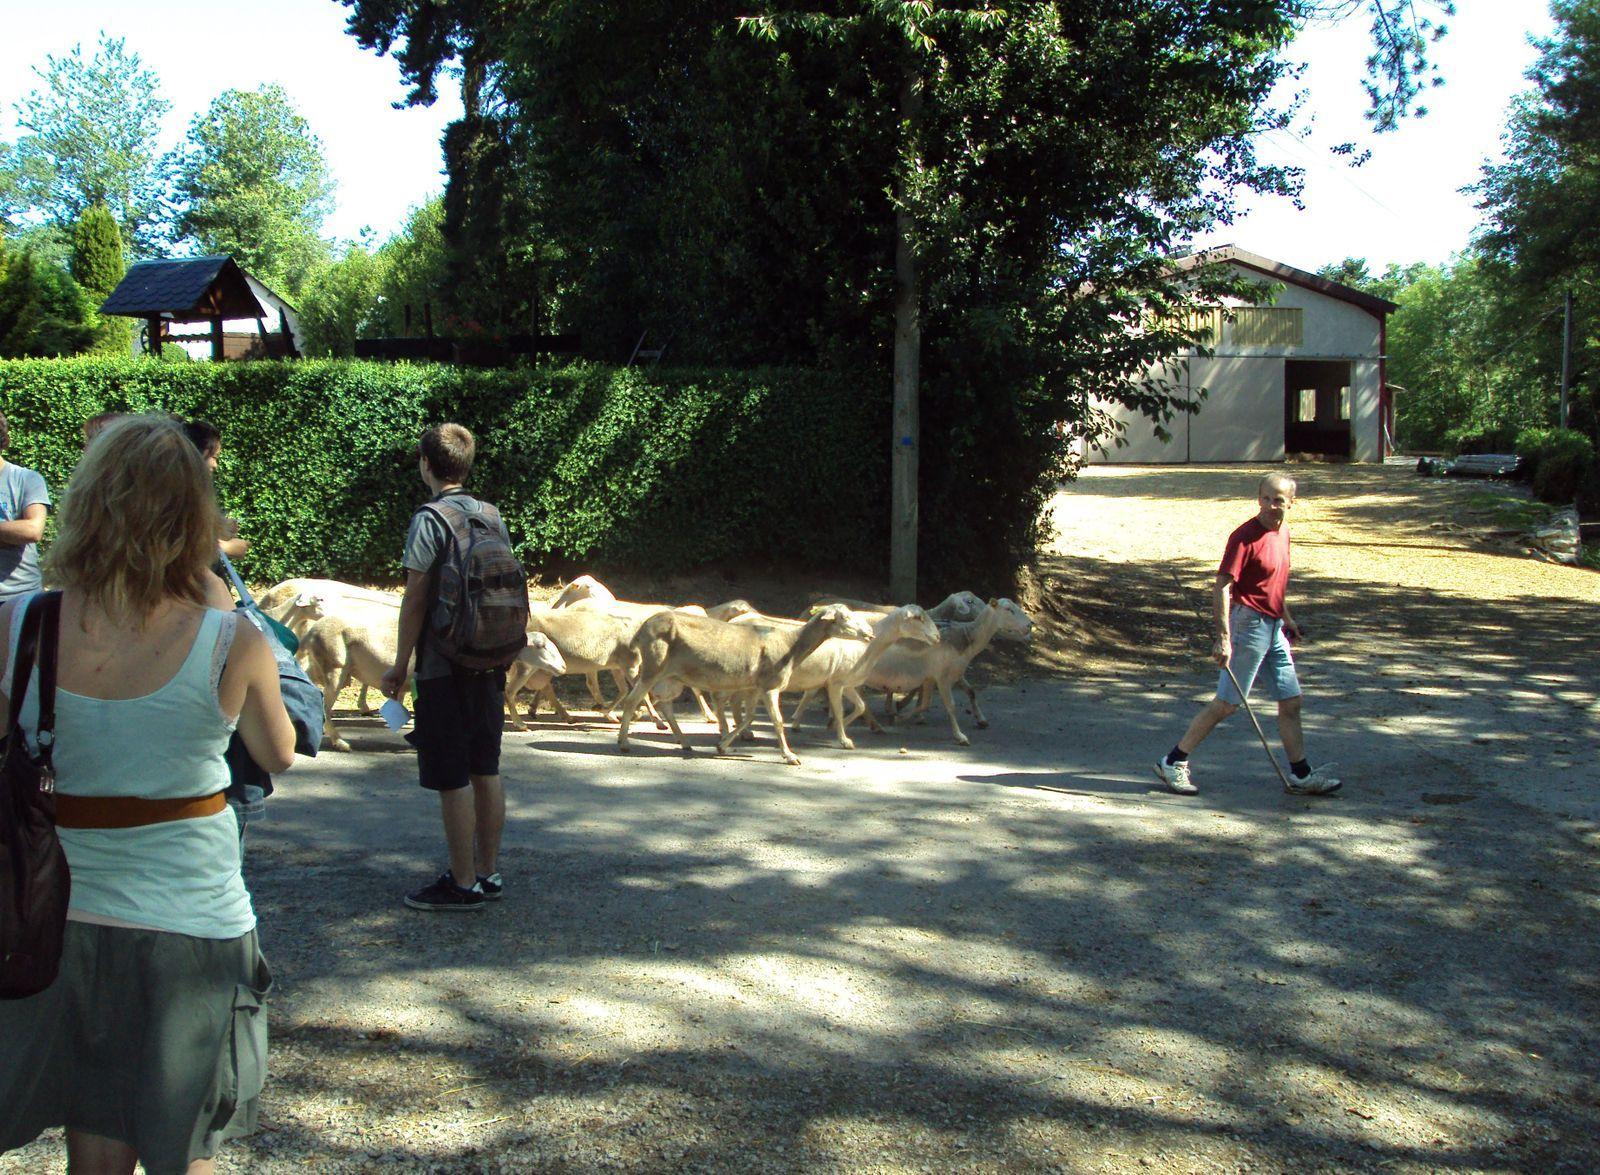 accompagner le troupeau de brebis au pâturage